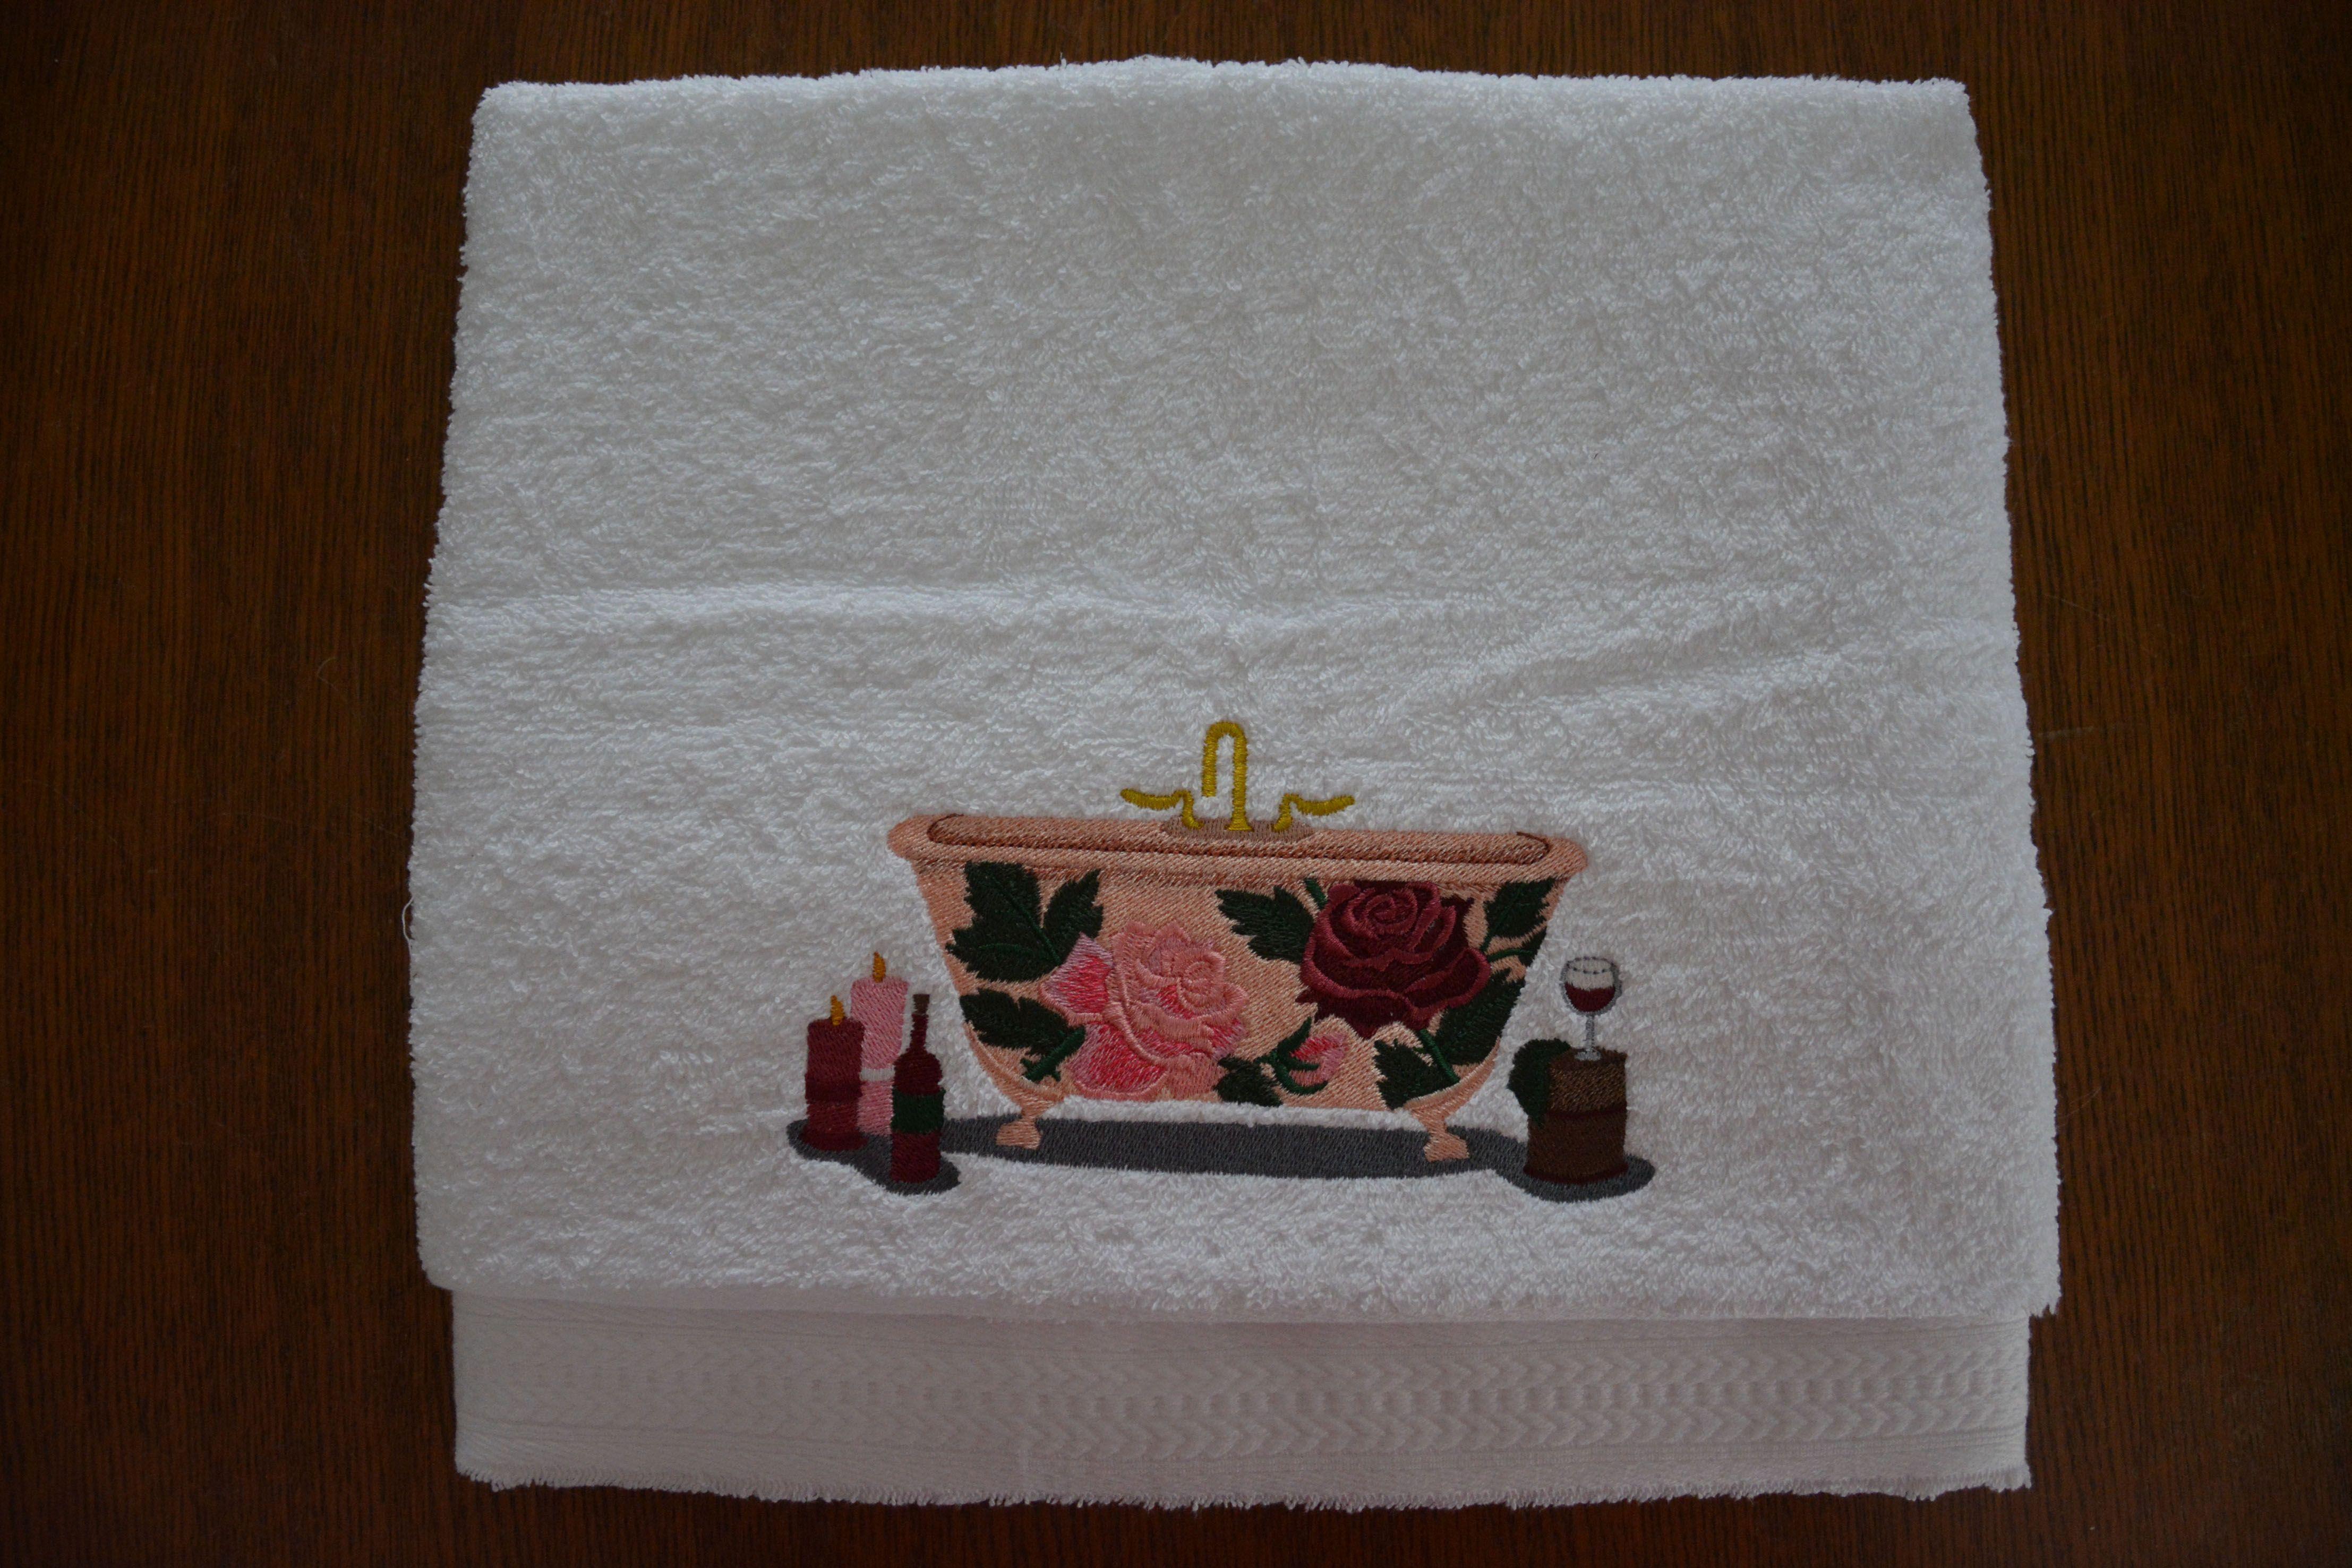 Badhanddoek - Badkuip met Victoriaanse Rozen (Bathtowel - Victorian Roses Bathtub)